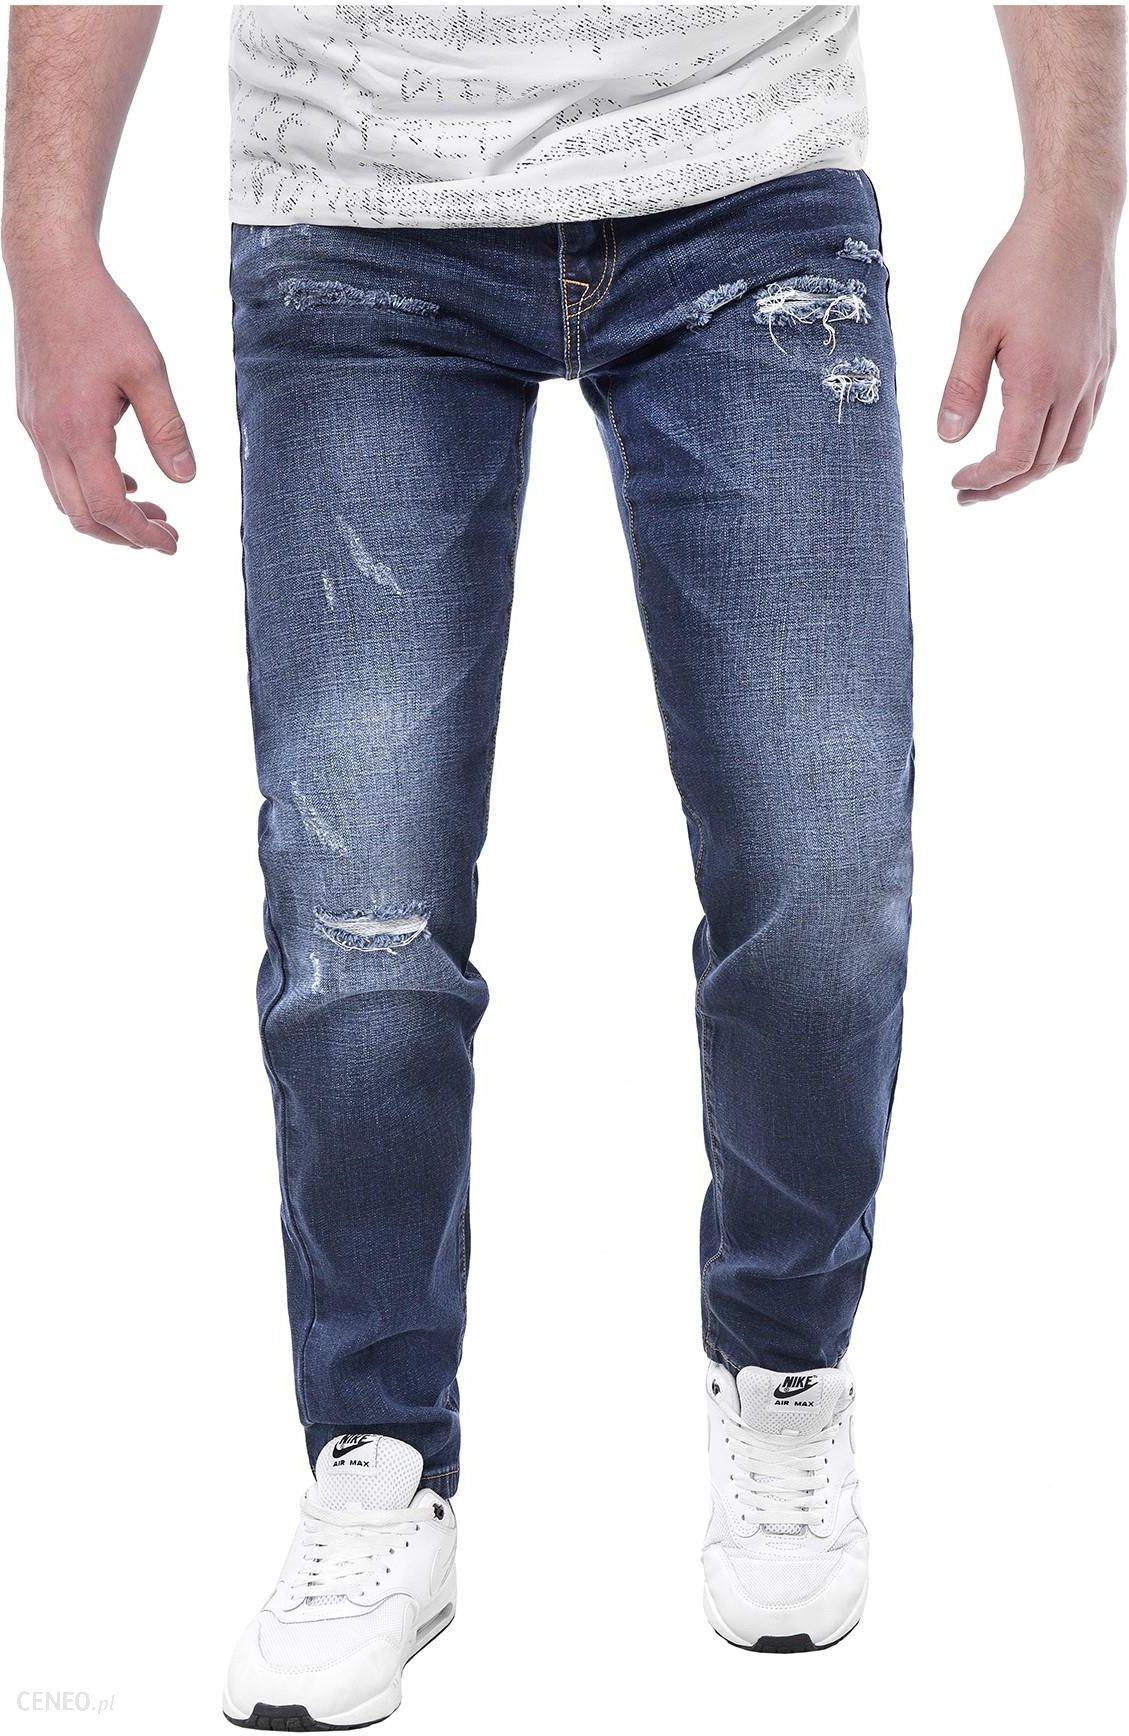 Spodnie męskie jeansowe KL6622